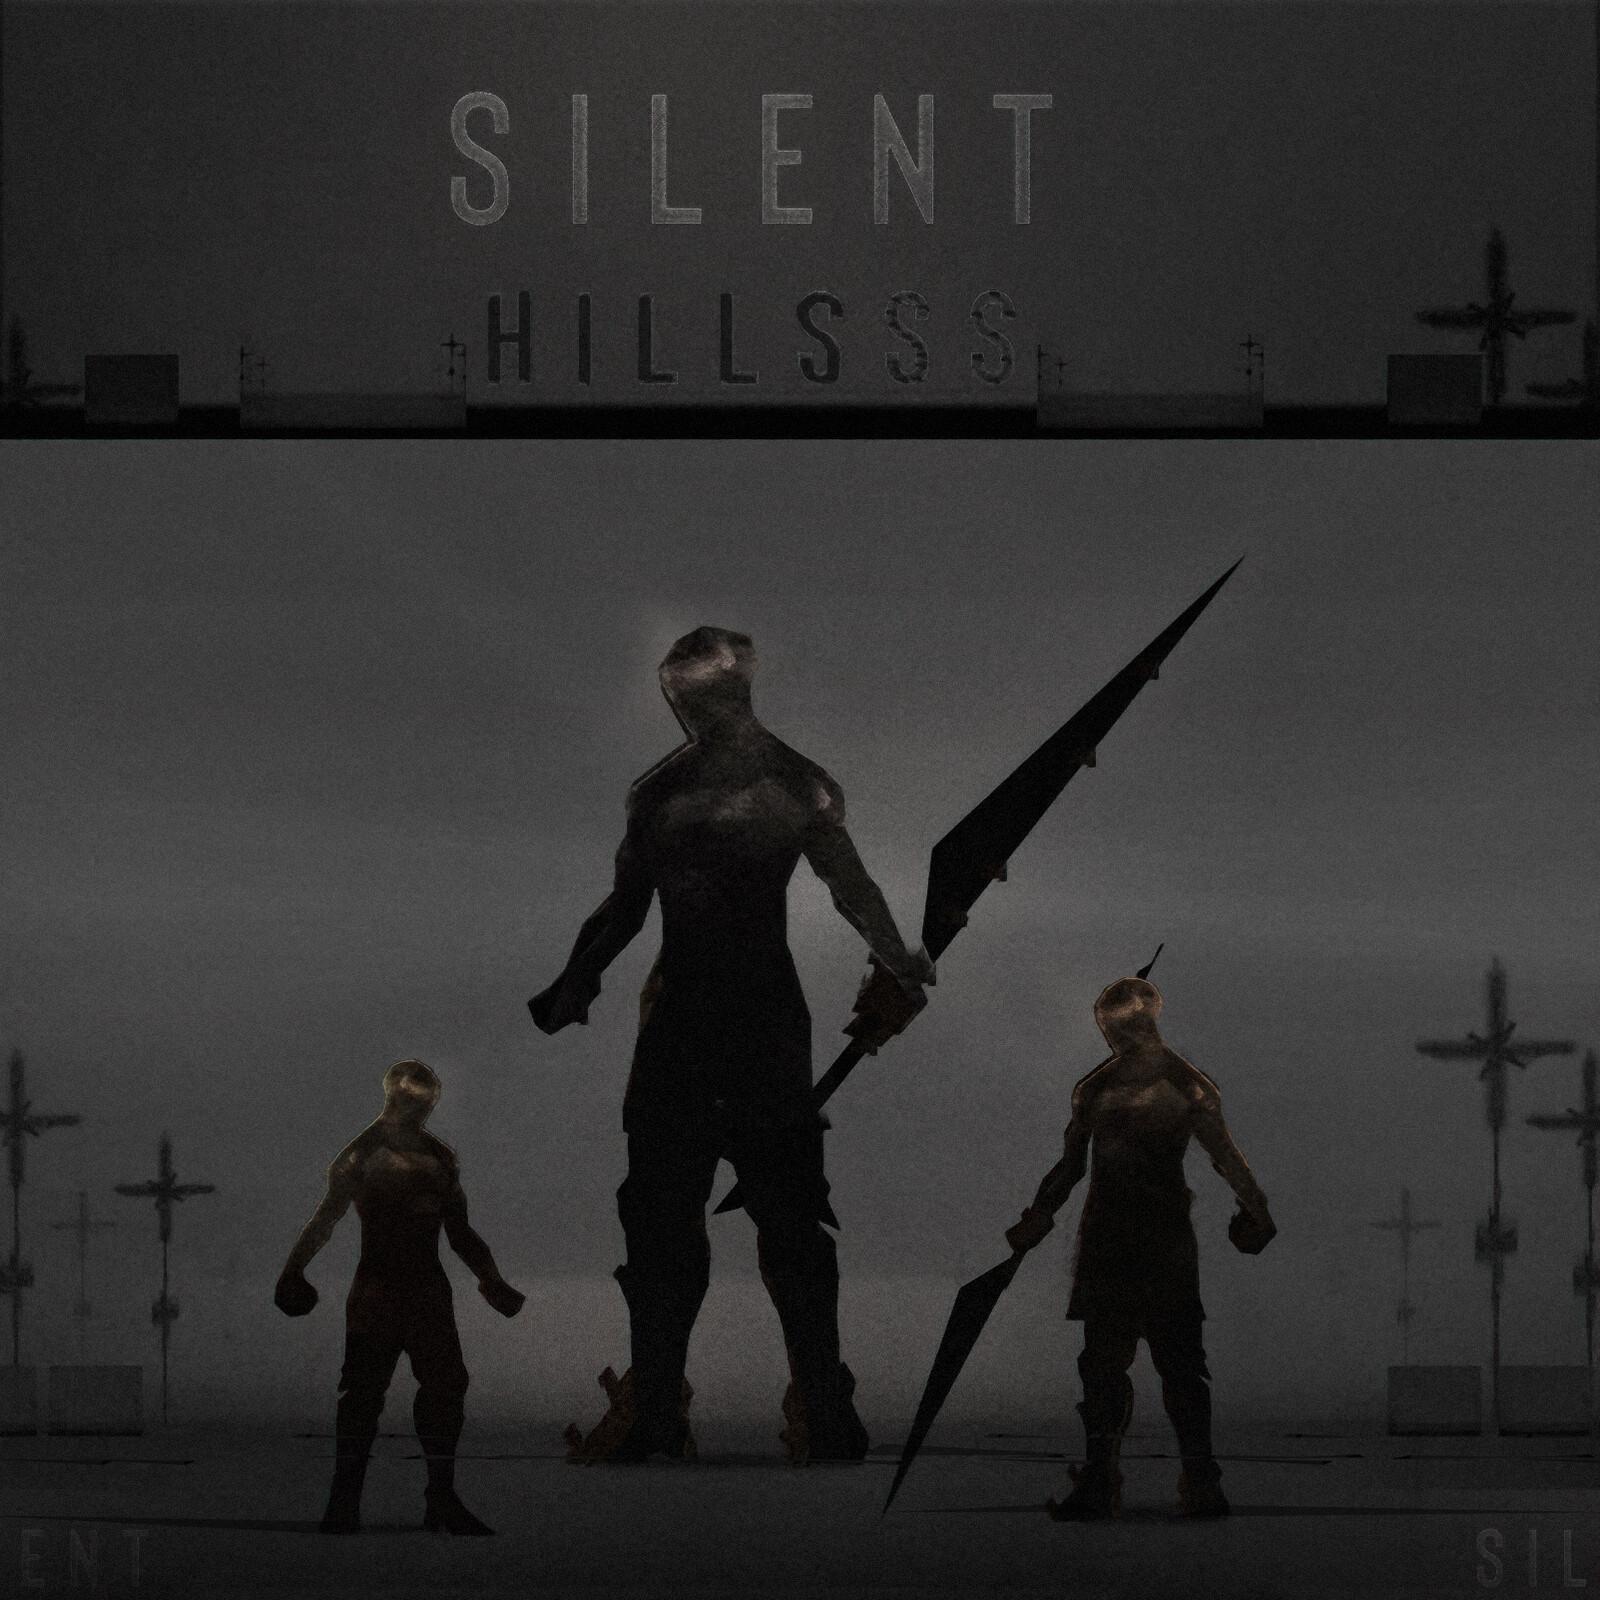 SILENT HILLsss ⚔